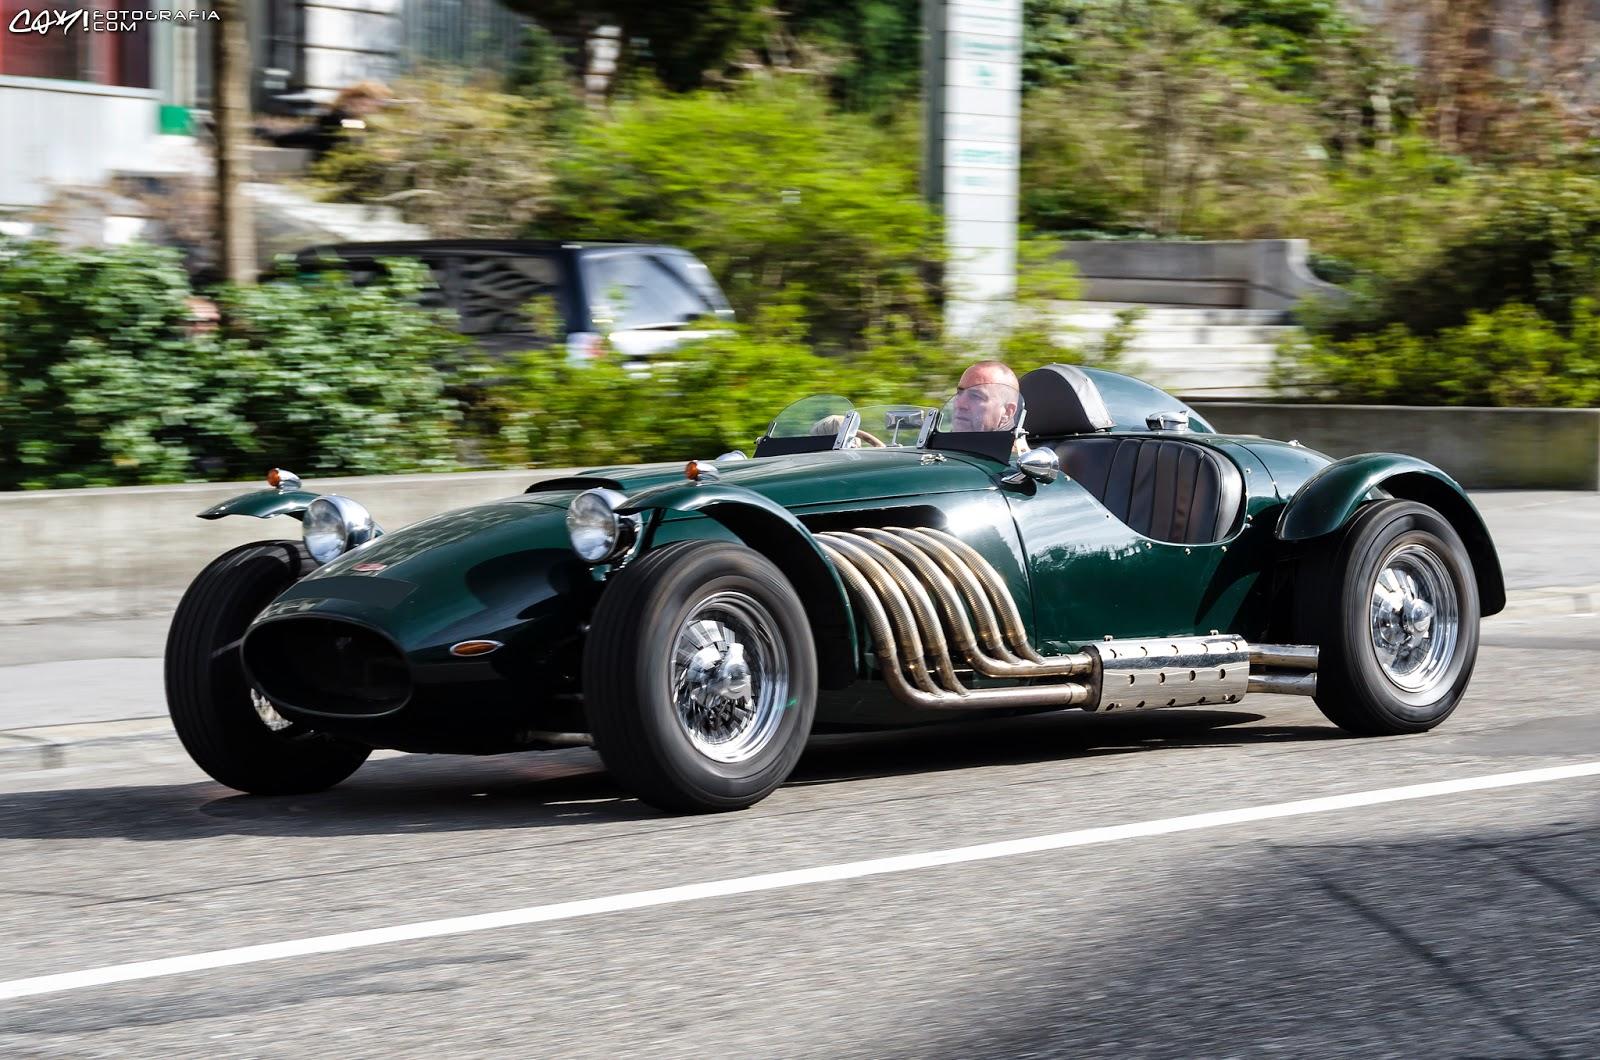 Cokifotografia Com Jaguar Ronart W152